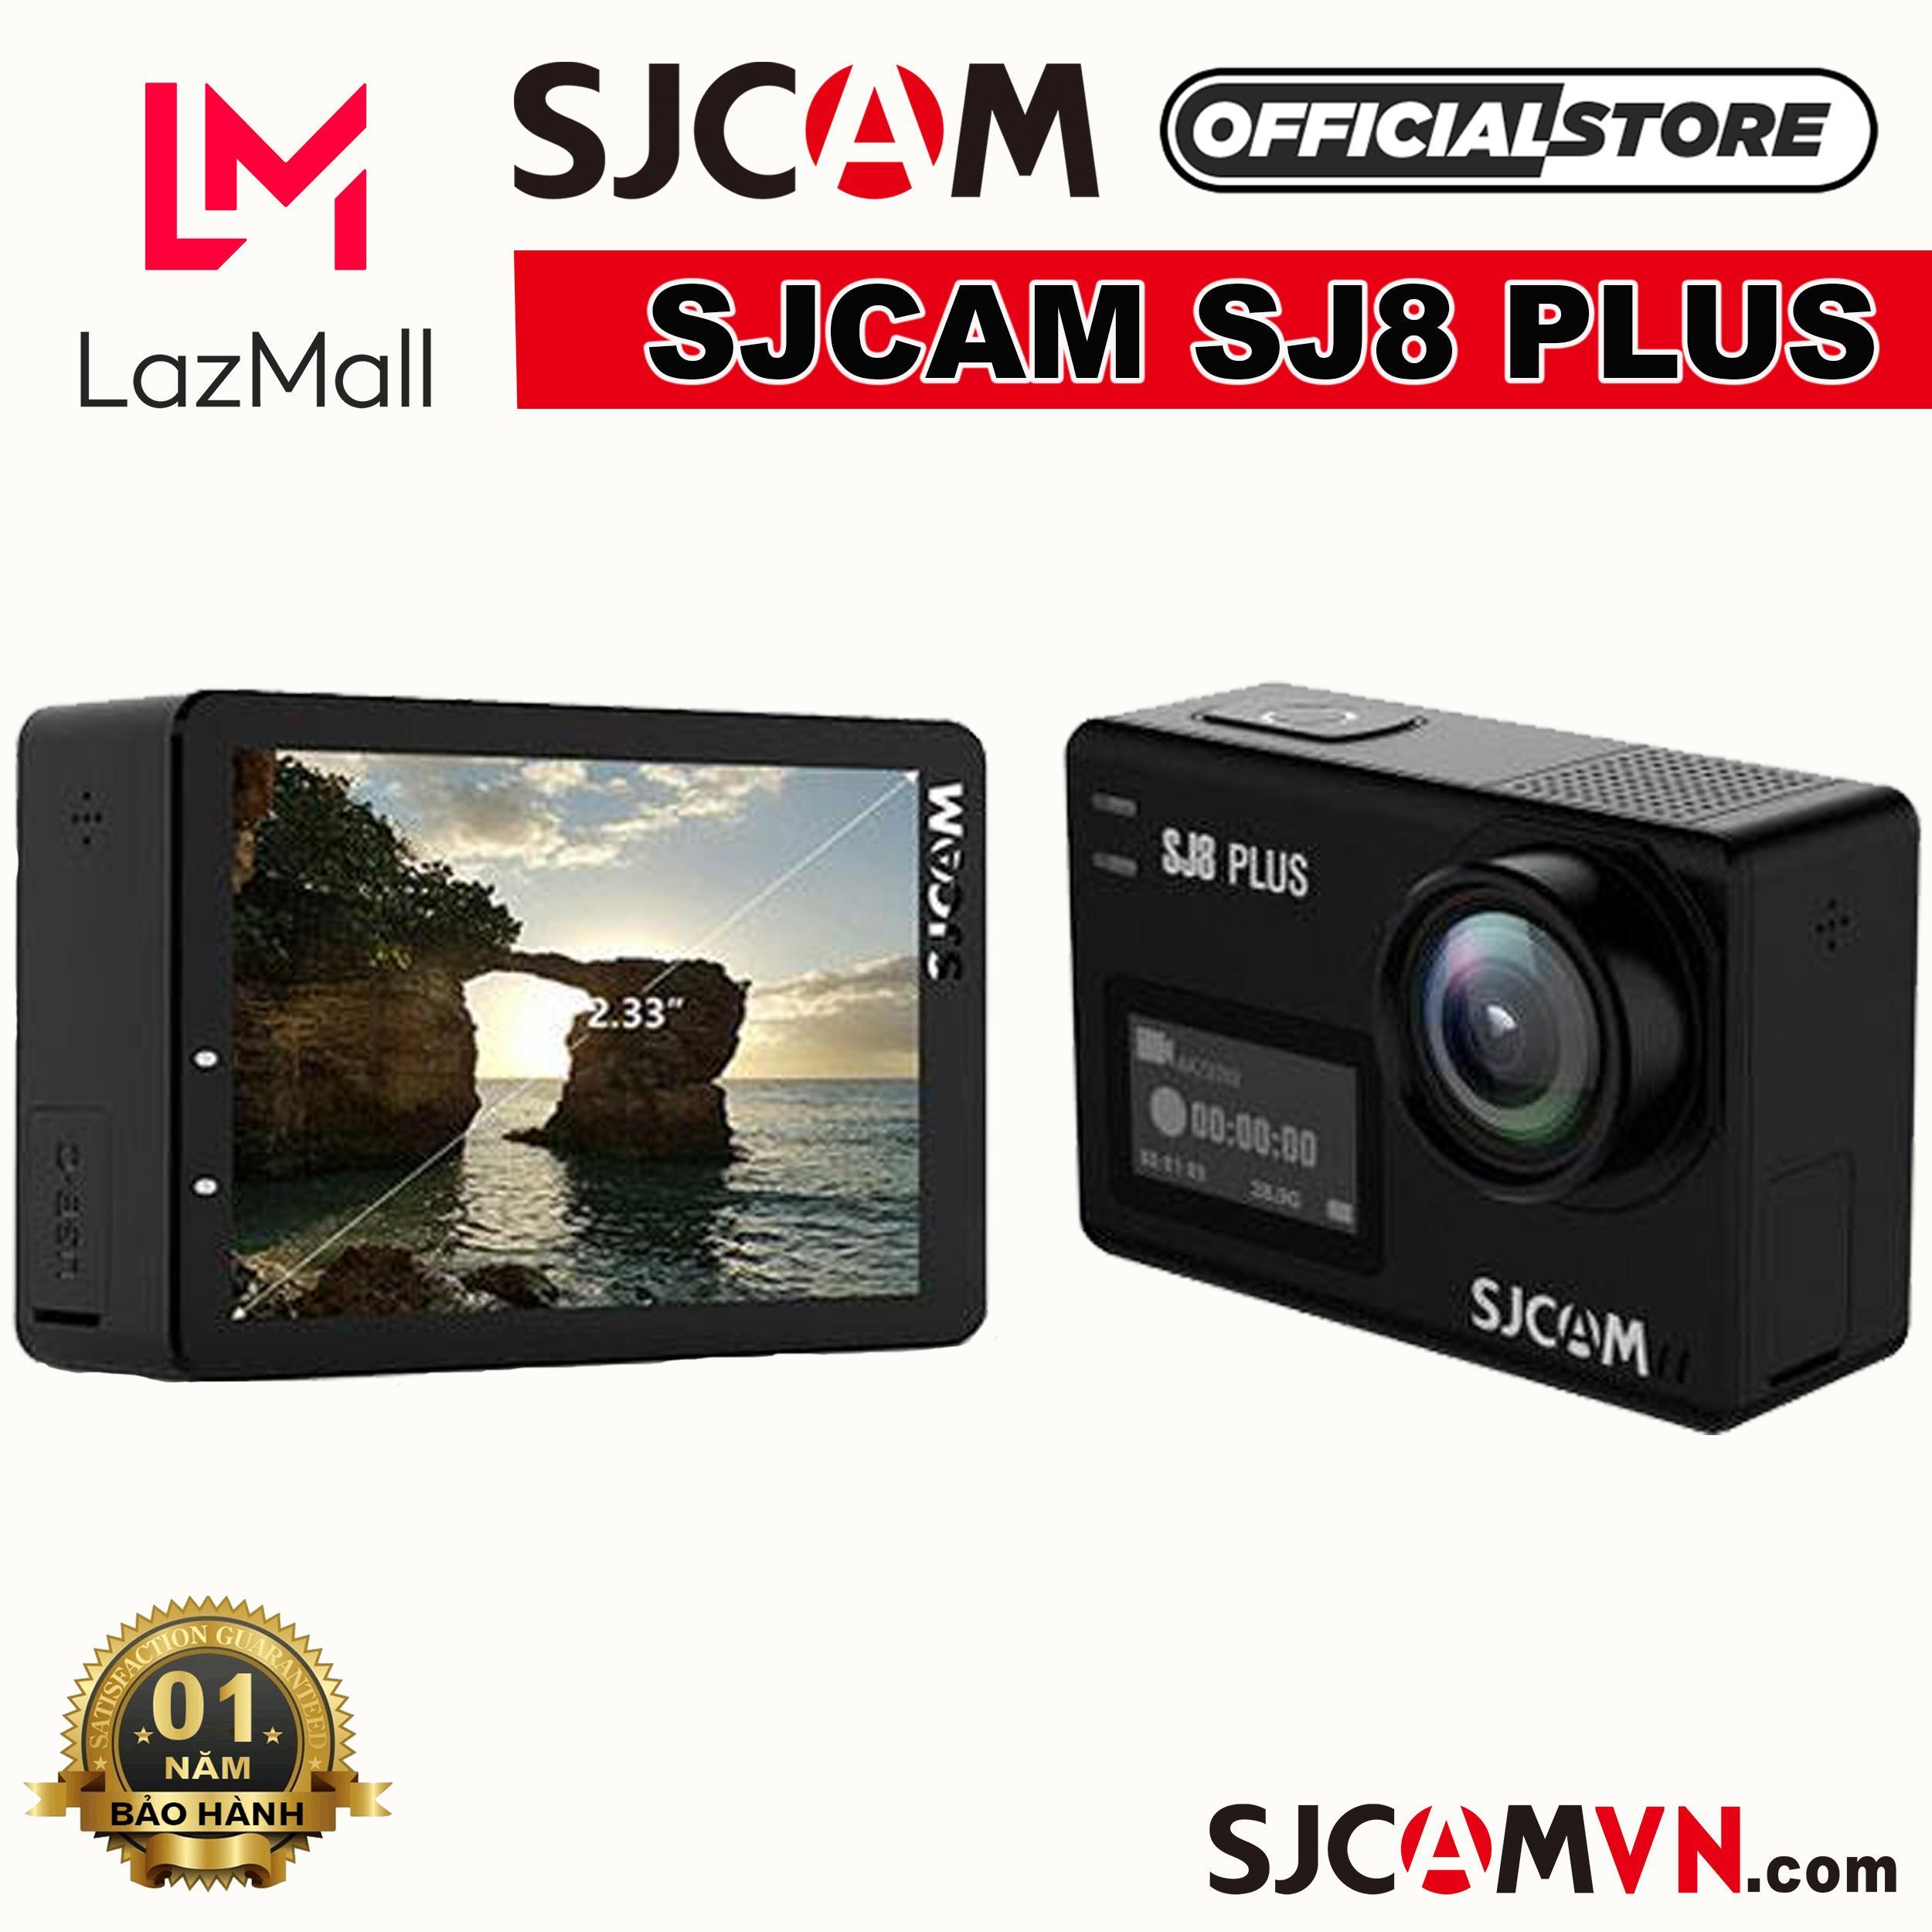 Camera Hành Trình SJCAM SJ8 PLUS 4K WiFi - Hãng Phân Phối Chính Thức Cùng Giá Khuyến Mãi Hot